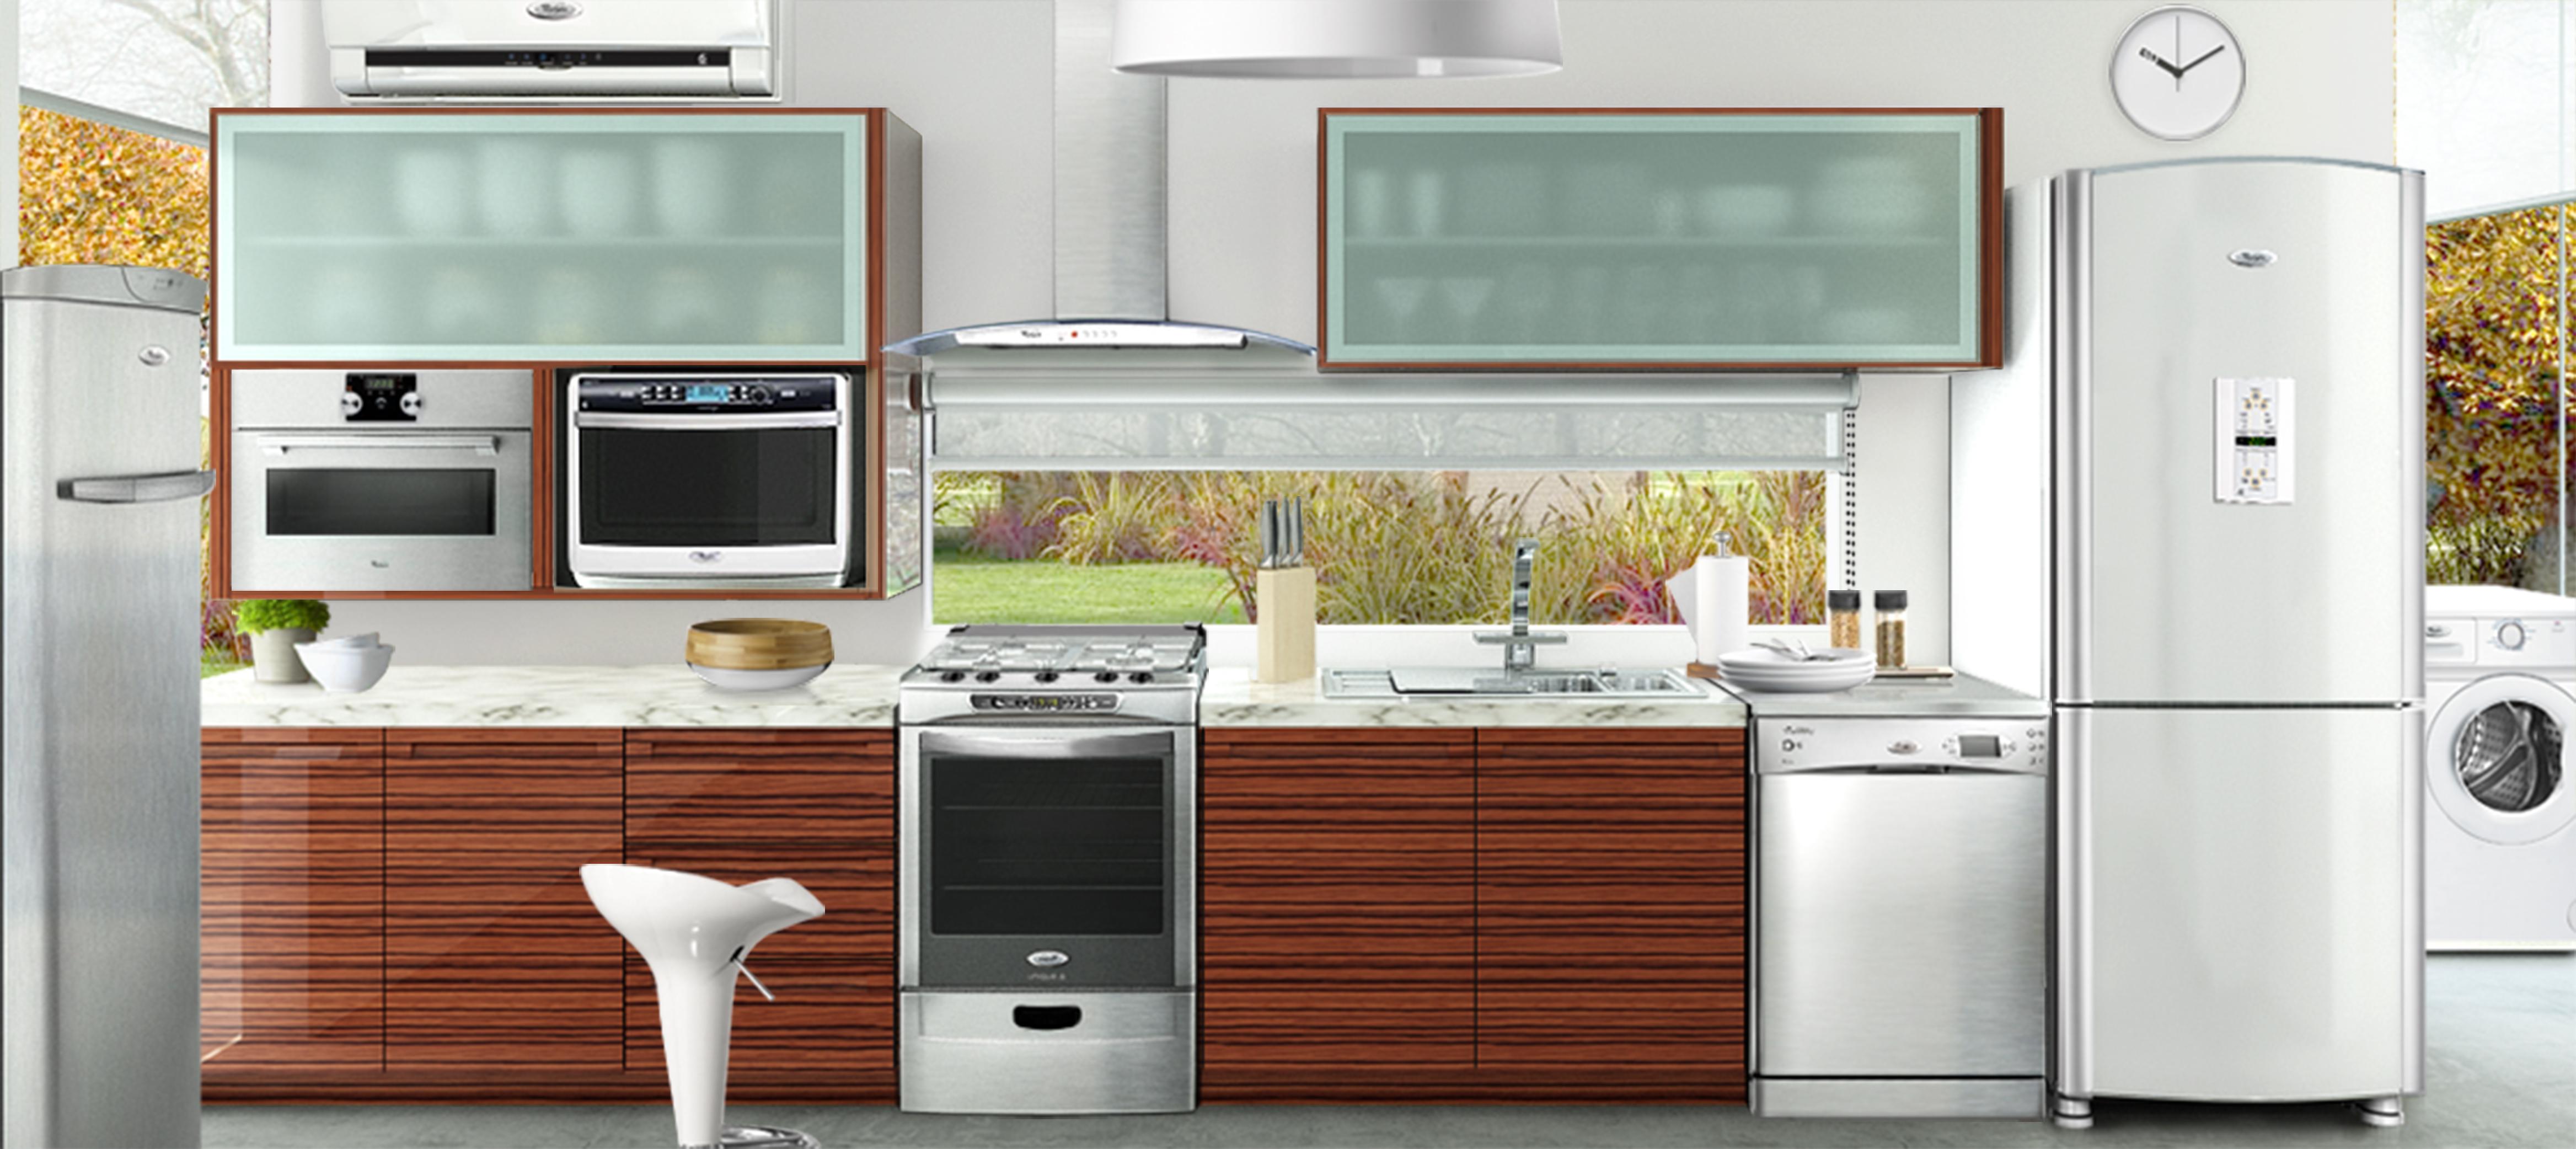 Electrodom sticos para cocinas muebles a medida for Precio electrodomesticos cocina